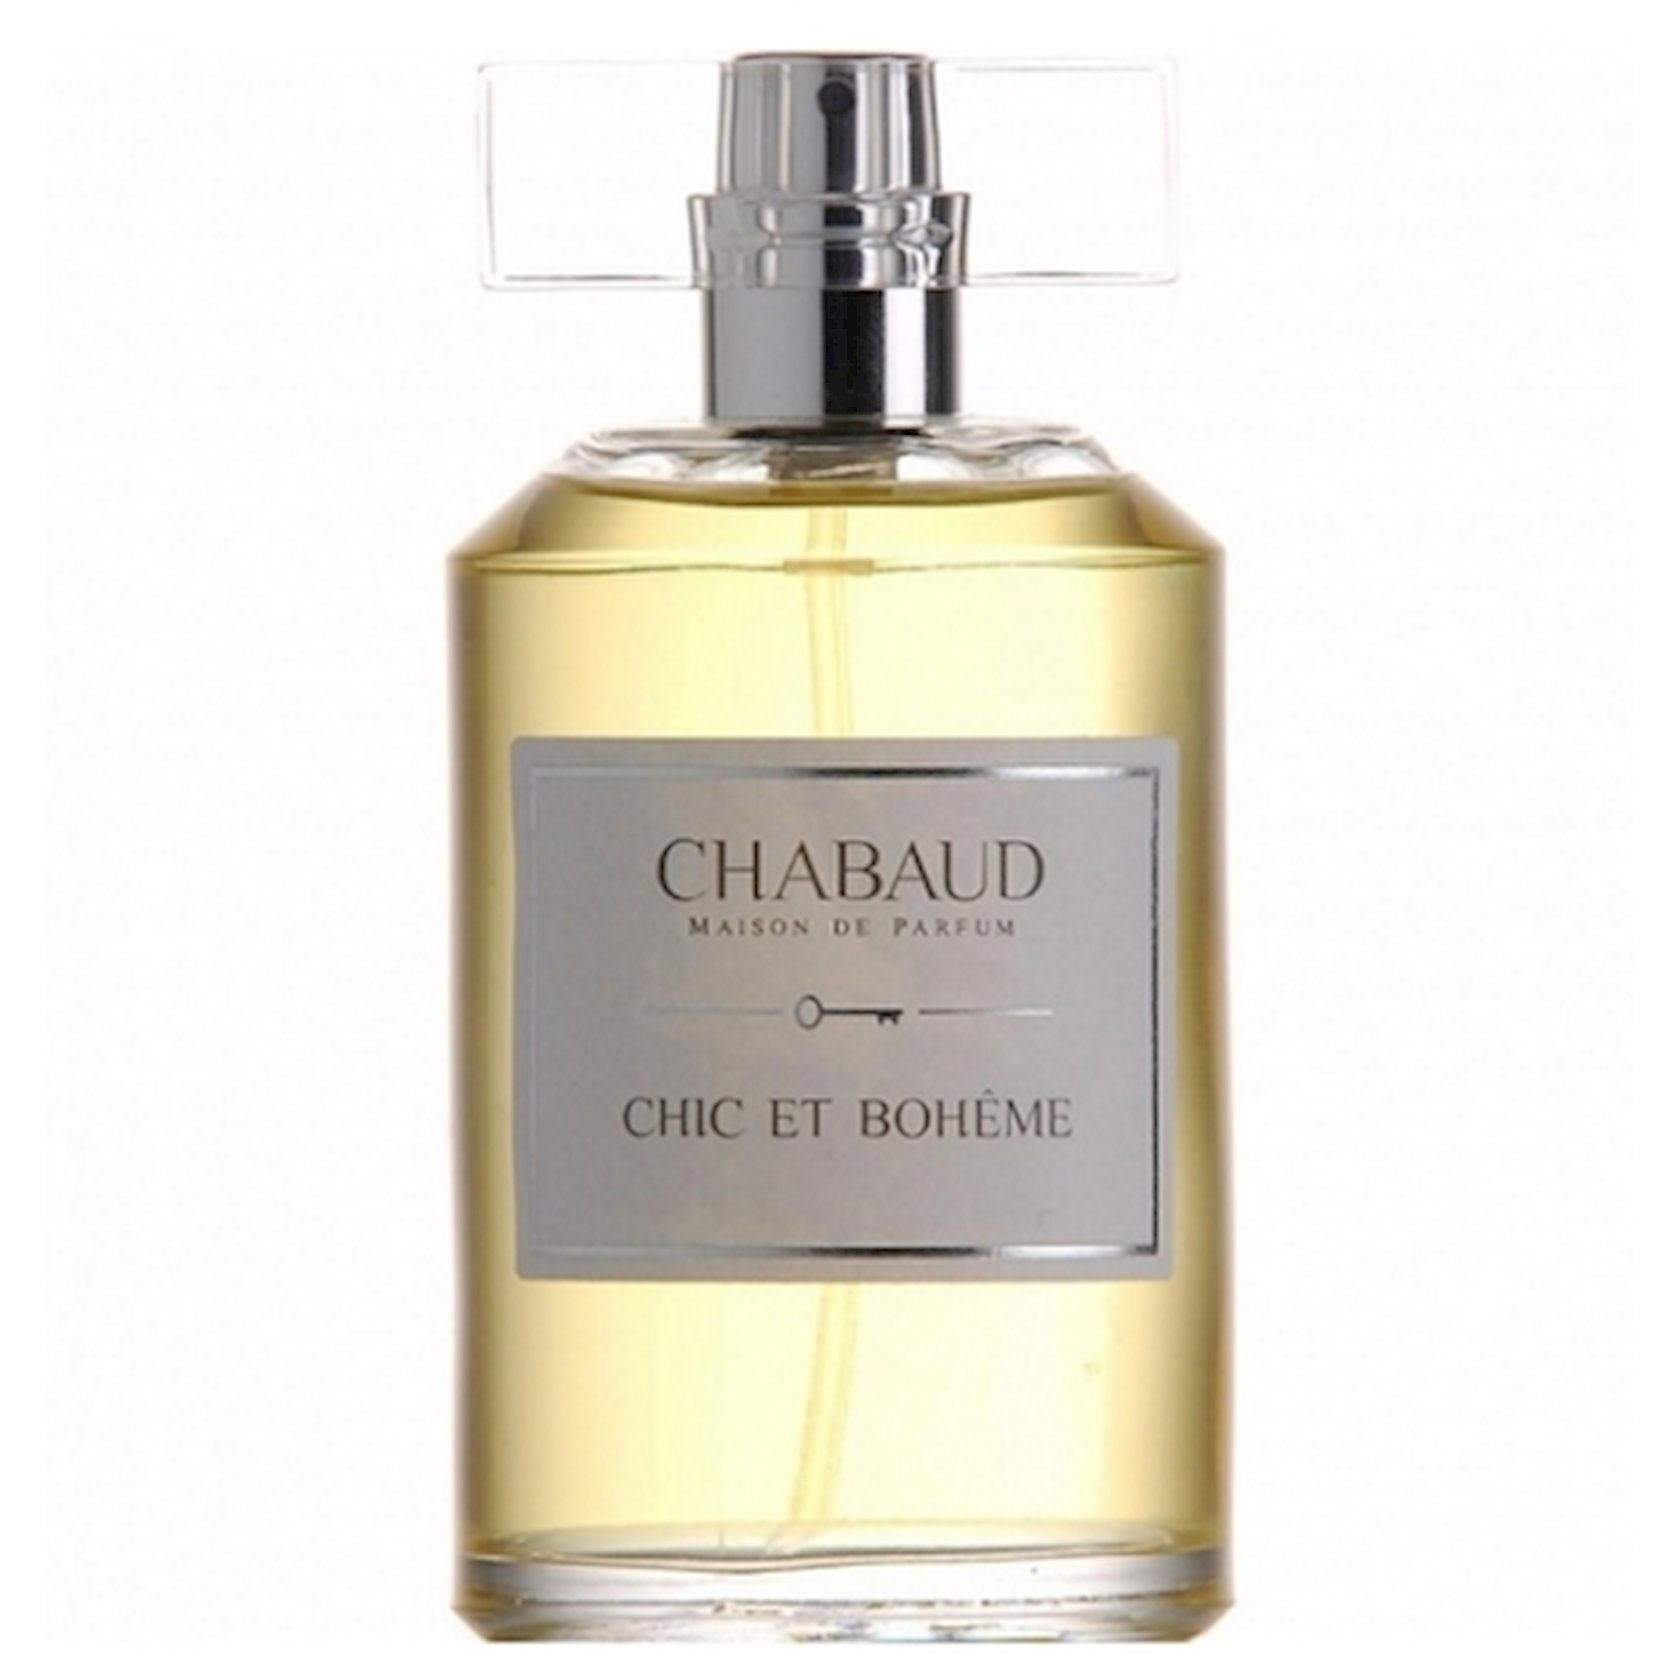 Qadınlar üçün ətir suyu Chabaud Maison de Parfum Chic et Bohème 100ml